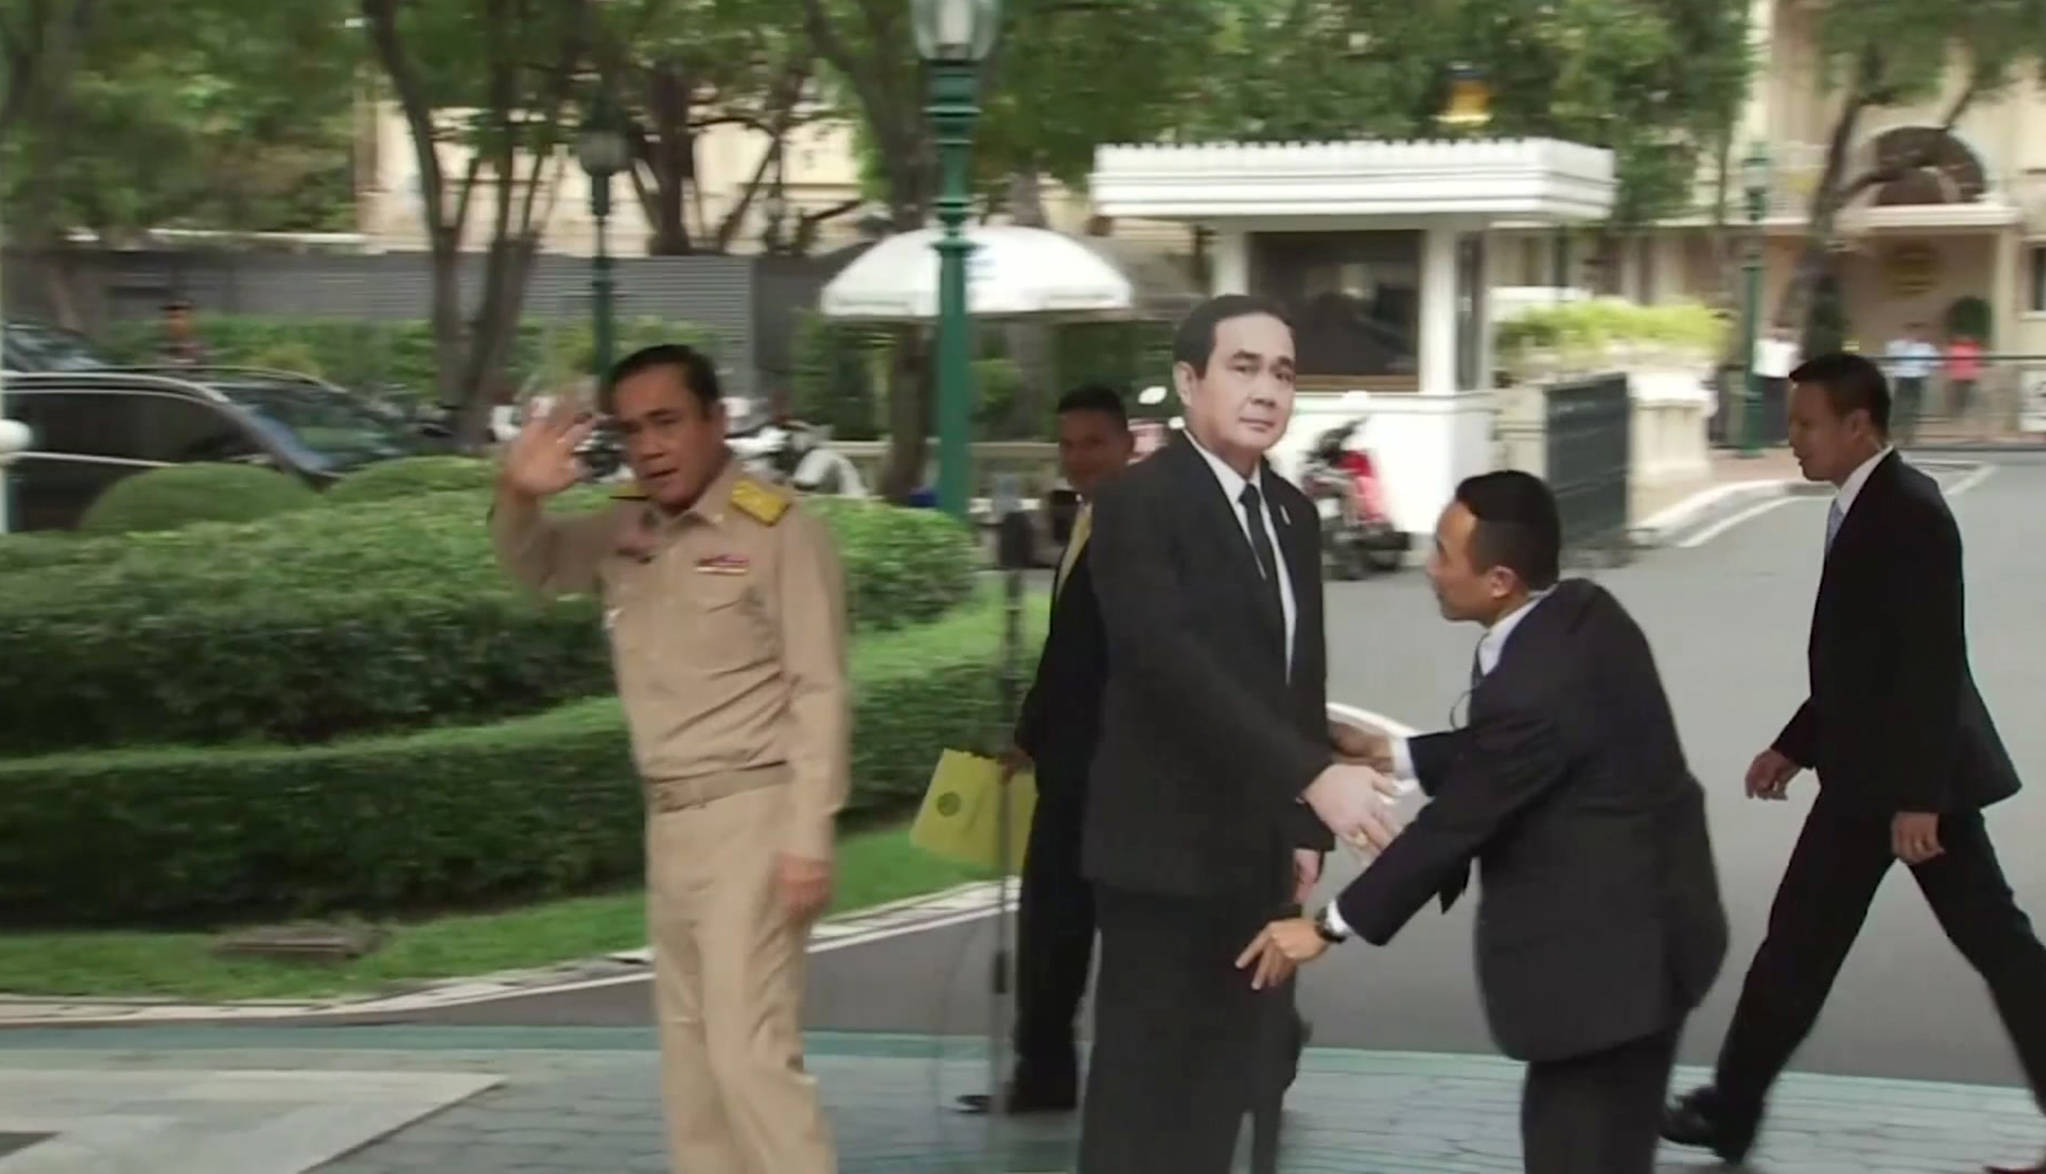 쁘라윳 태국 총리가 8일 방콕 총리관저에서 열린 브리핑에서 자신의 발언을 바친 뒤 실물크기의 자신의 종이인형을 세워두고 자리를 떠나고 있다.[AP=연합뉴스]